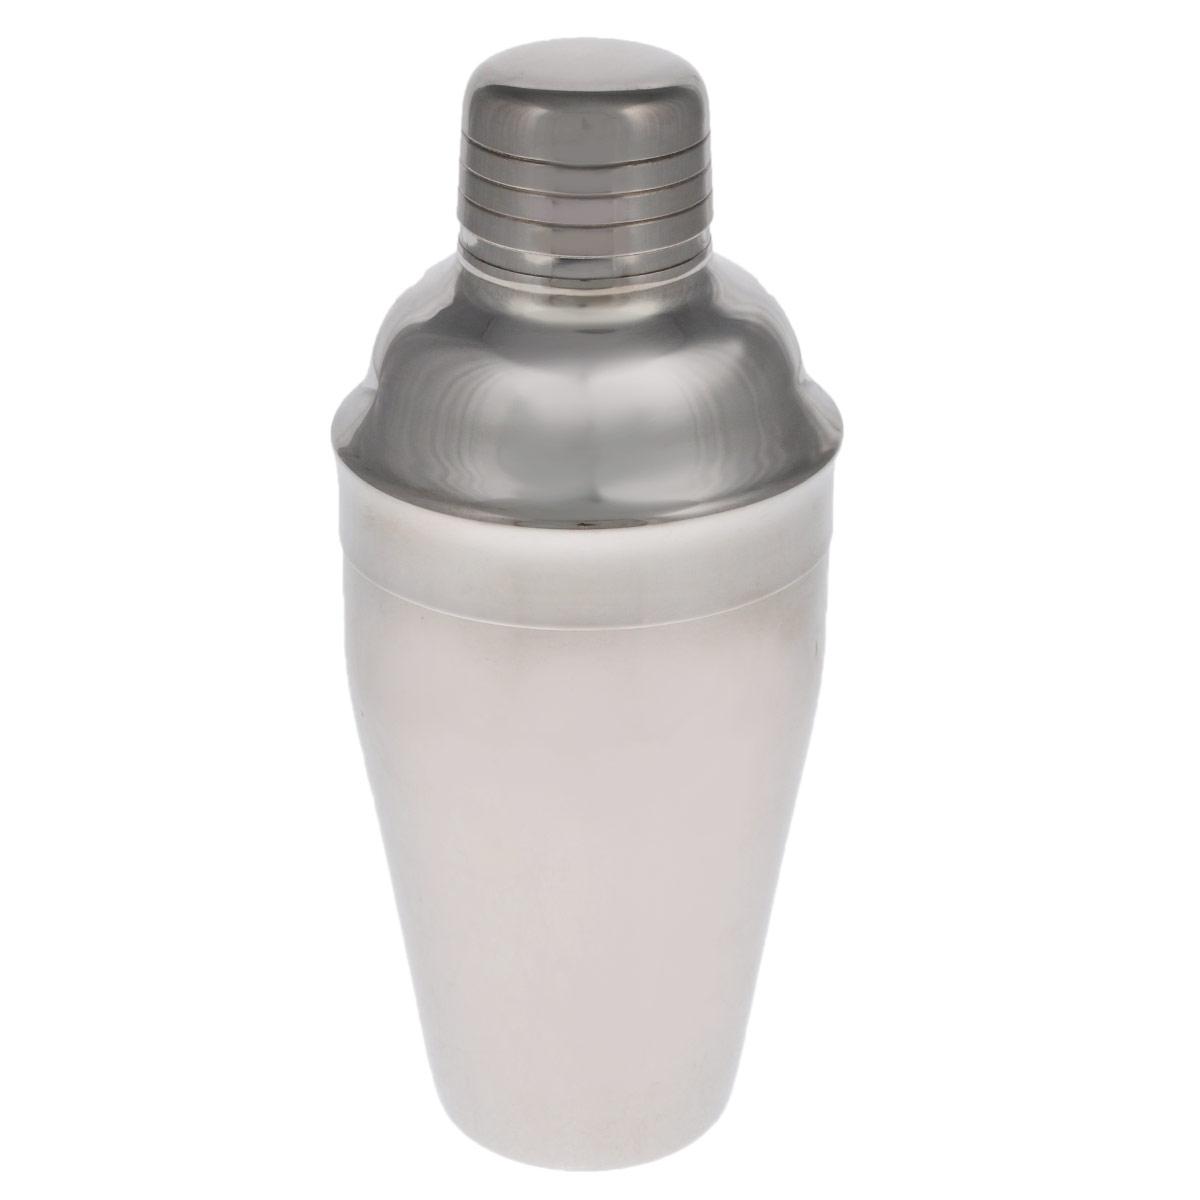 Шейкер Tescoma Presto, 500 мл. 420712420712Шейкер Tescoma Presto, изготовленный из нержавеющей стали с зеркальной полировкой, идеален для приготовления смешанных напитков, пригоден для домашнего и профессионального использования. Шейкер снабжен практичным ситом для процеживания напитков. Можно мыть в посудомоечной машине. Диаметр шейкера (по верхнему краю): 3,8 см. Высота шейкера: 20 см.